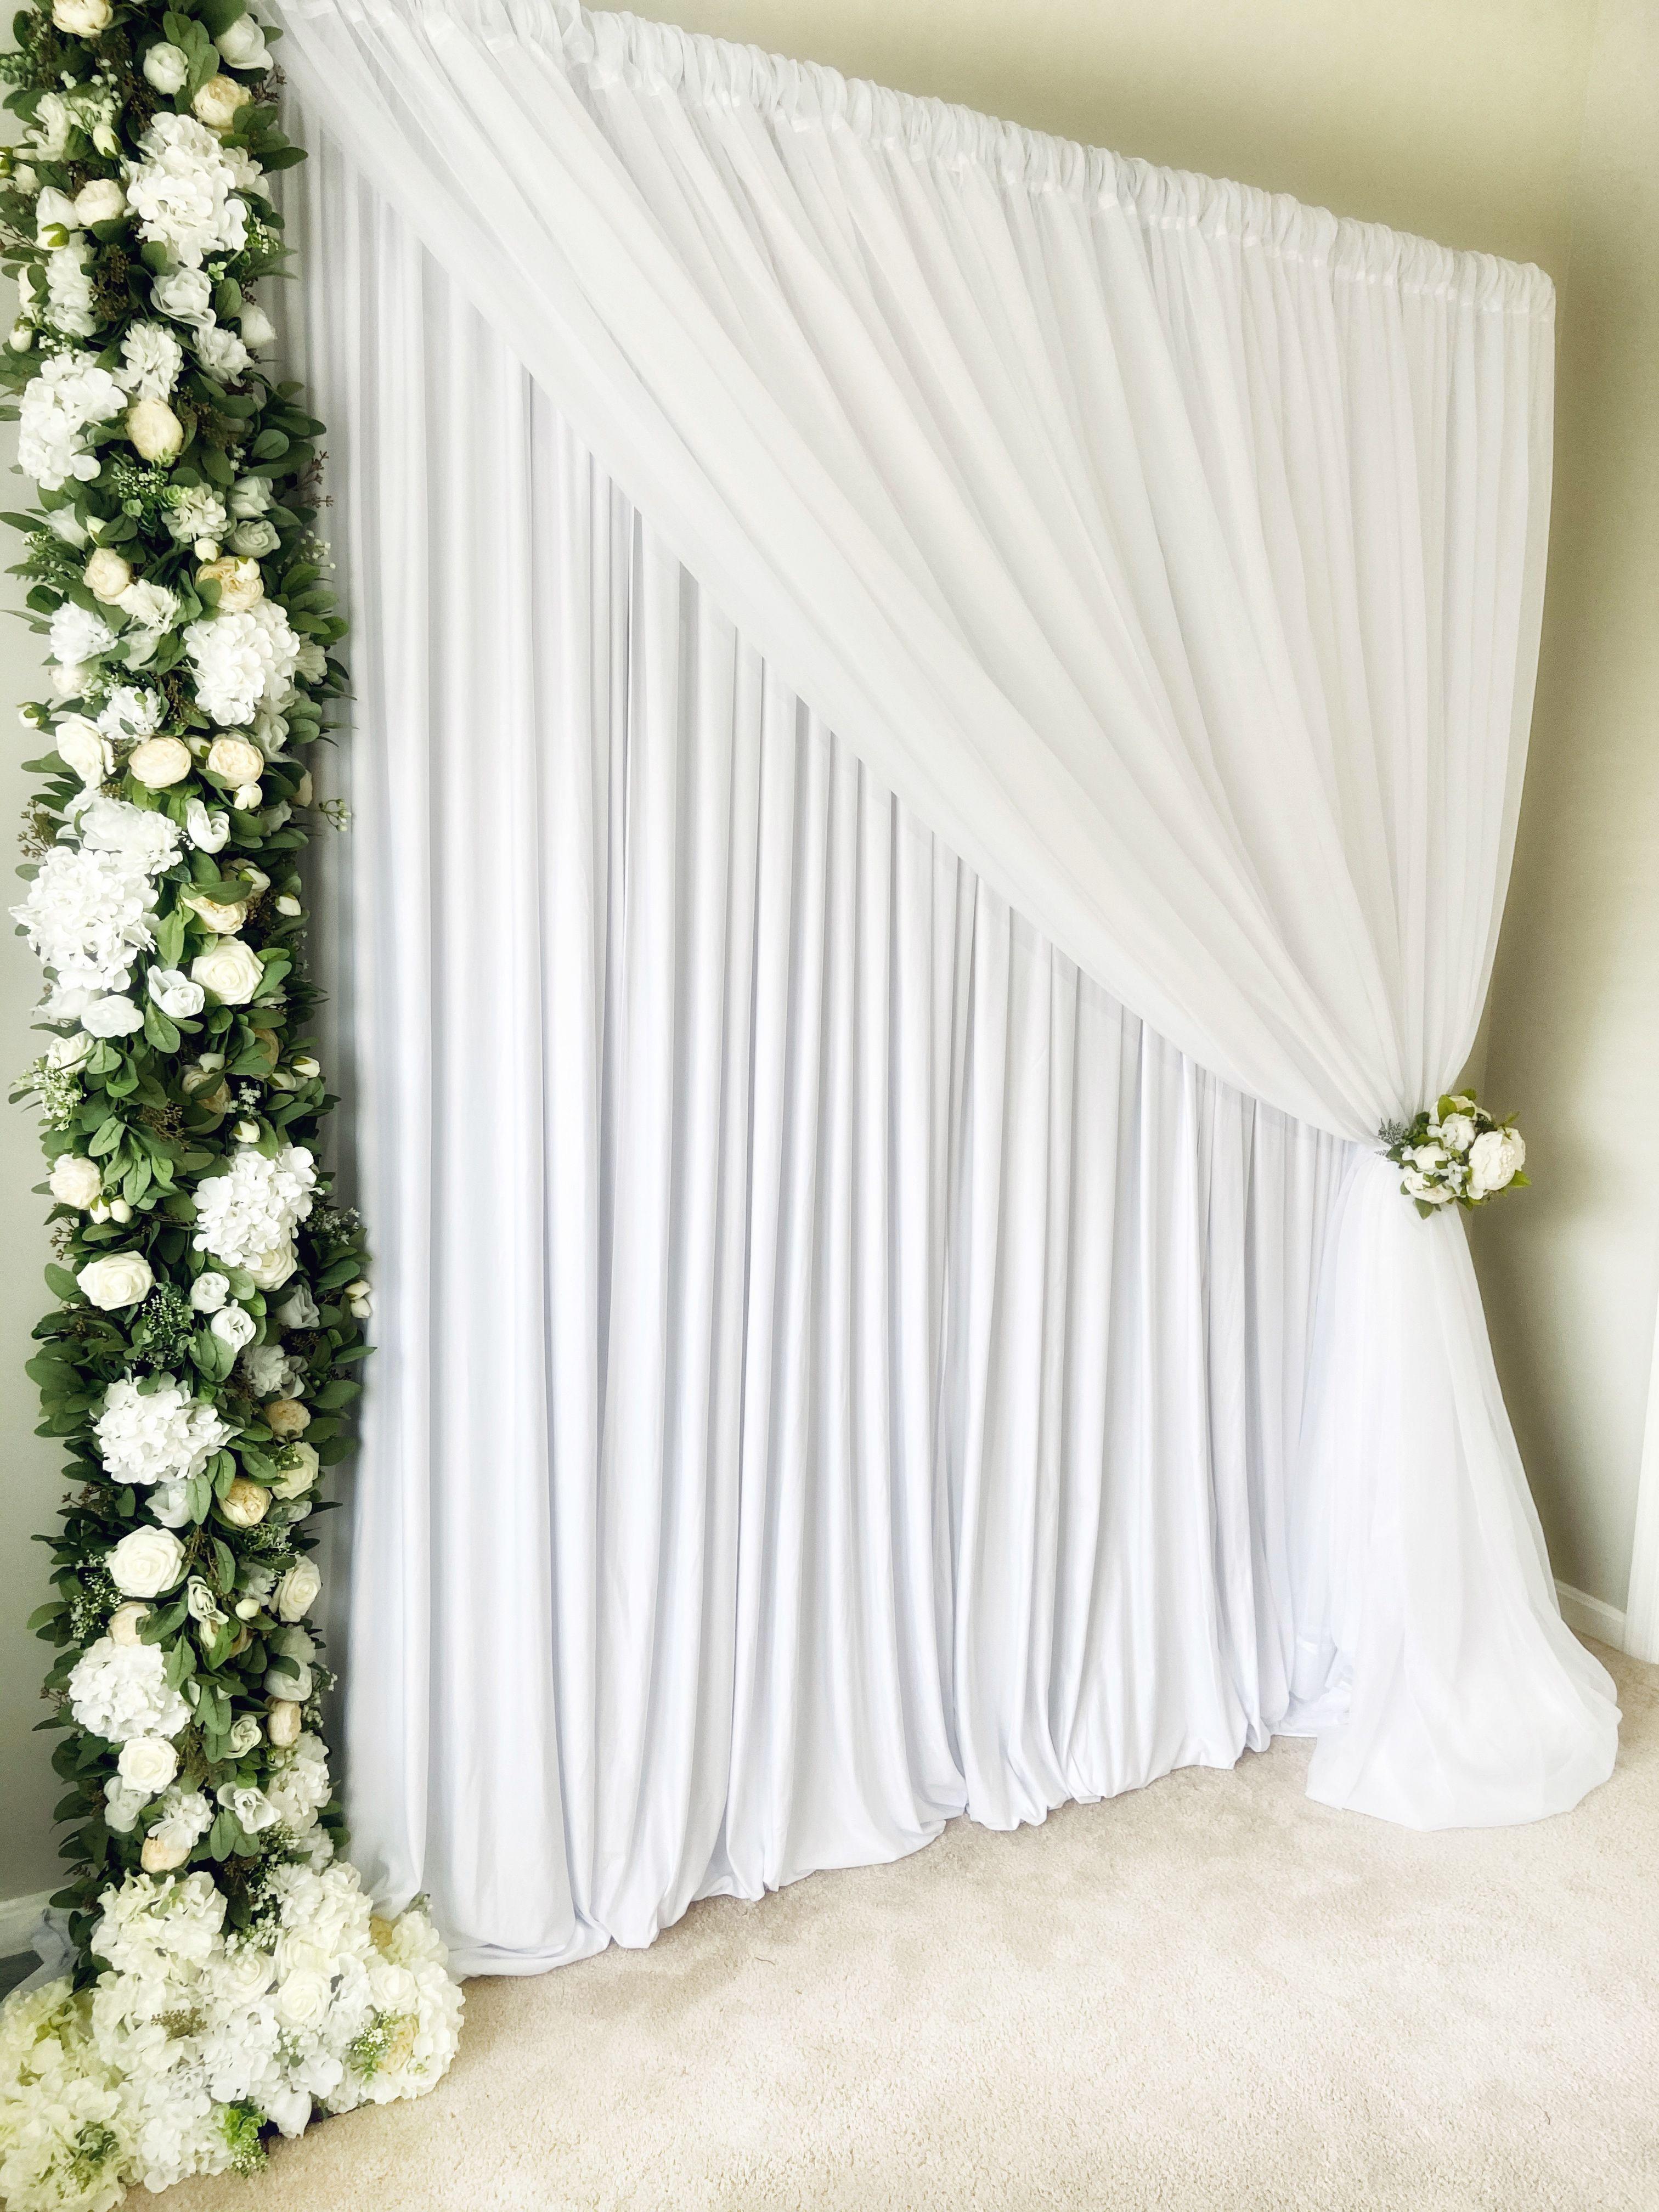 Simple Wedding Backdrop Diy Event Backdrop Party Ideas Meja Pernikahan Dekorasi Meja Pernikahan Perkawinan Sederhana